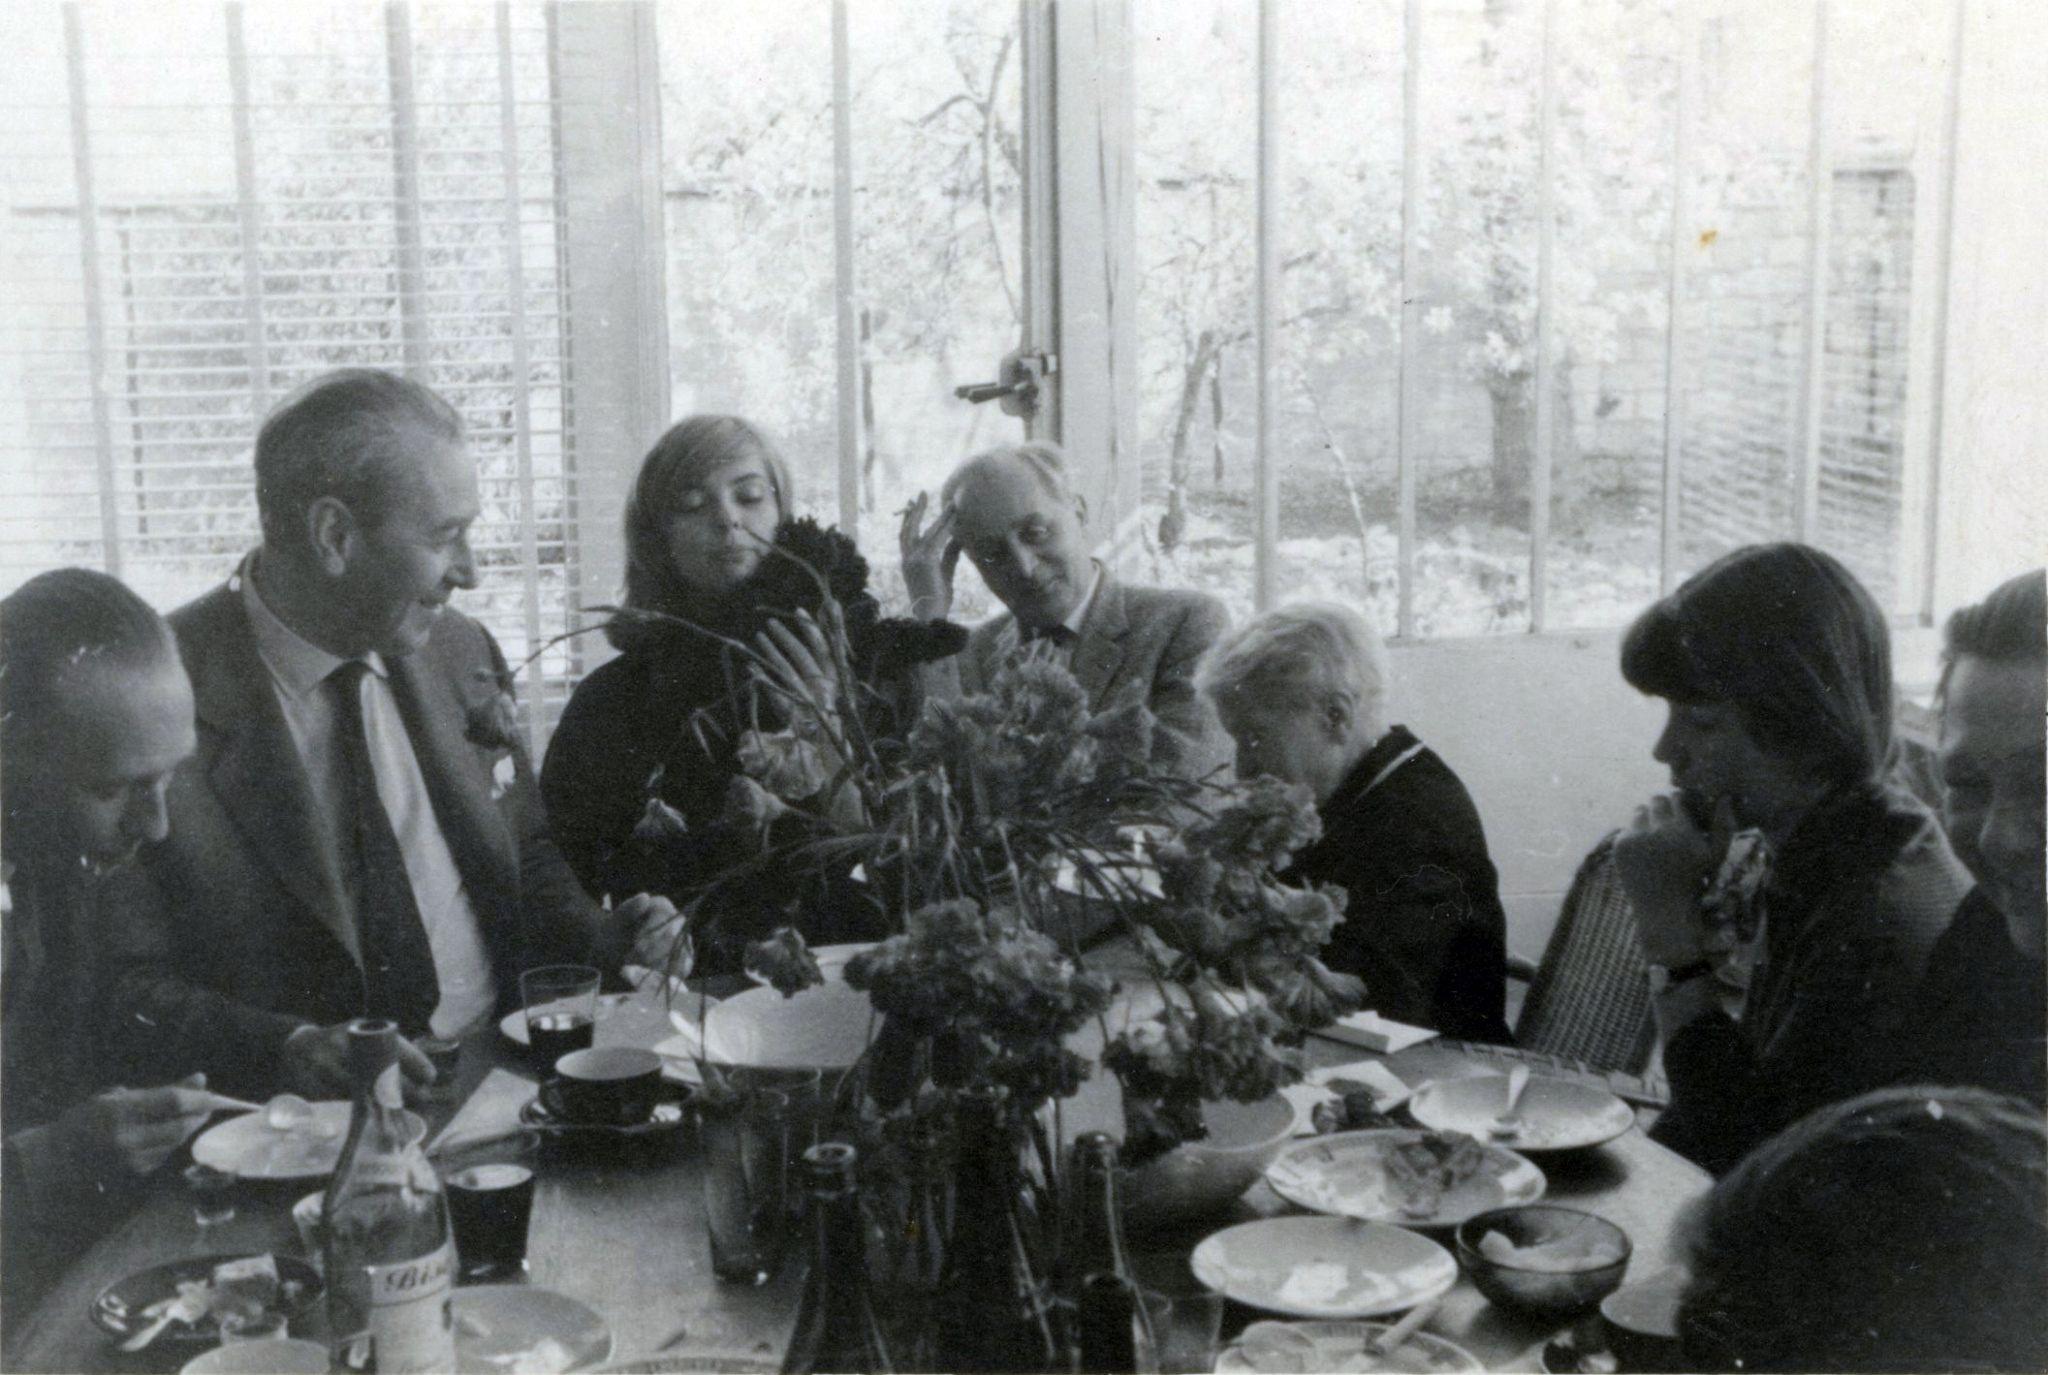 <div class='inner-box'><div class='close-desc'></div><span class='opis'>Wielkanoc 1960 w Maisons-Laffitte. Przy stole: Juliusz Żuławski, Zygmunt Hertz, Barbara Kwiatkowska, Jerzy Giedroyc, Maria Dąbrowska, Tula Kowalska, Anna Kowalska</span><div class='clearfix'></div><span>Sygn. FIL00222</span><div class='clearfix'></div><span class='autor'>fot. Henryk Giedroyc</span><div class='clearfix'></div><span>&copy;Henryk Giedroyc</span></div>